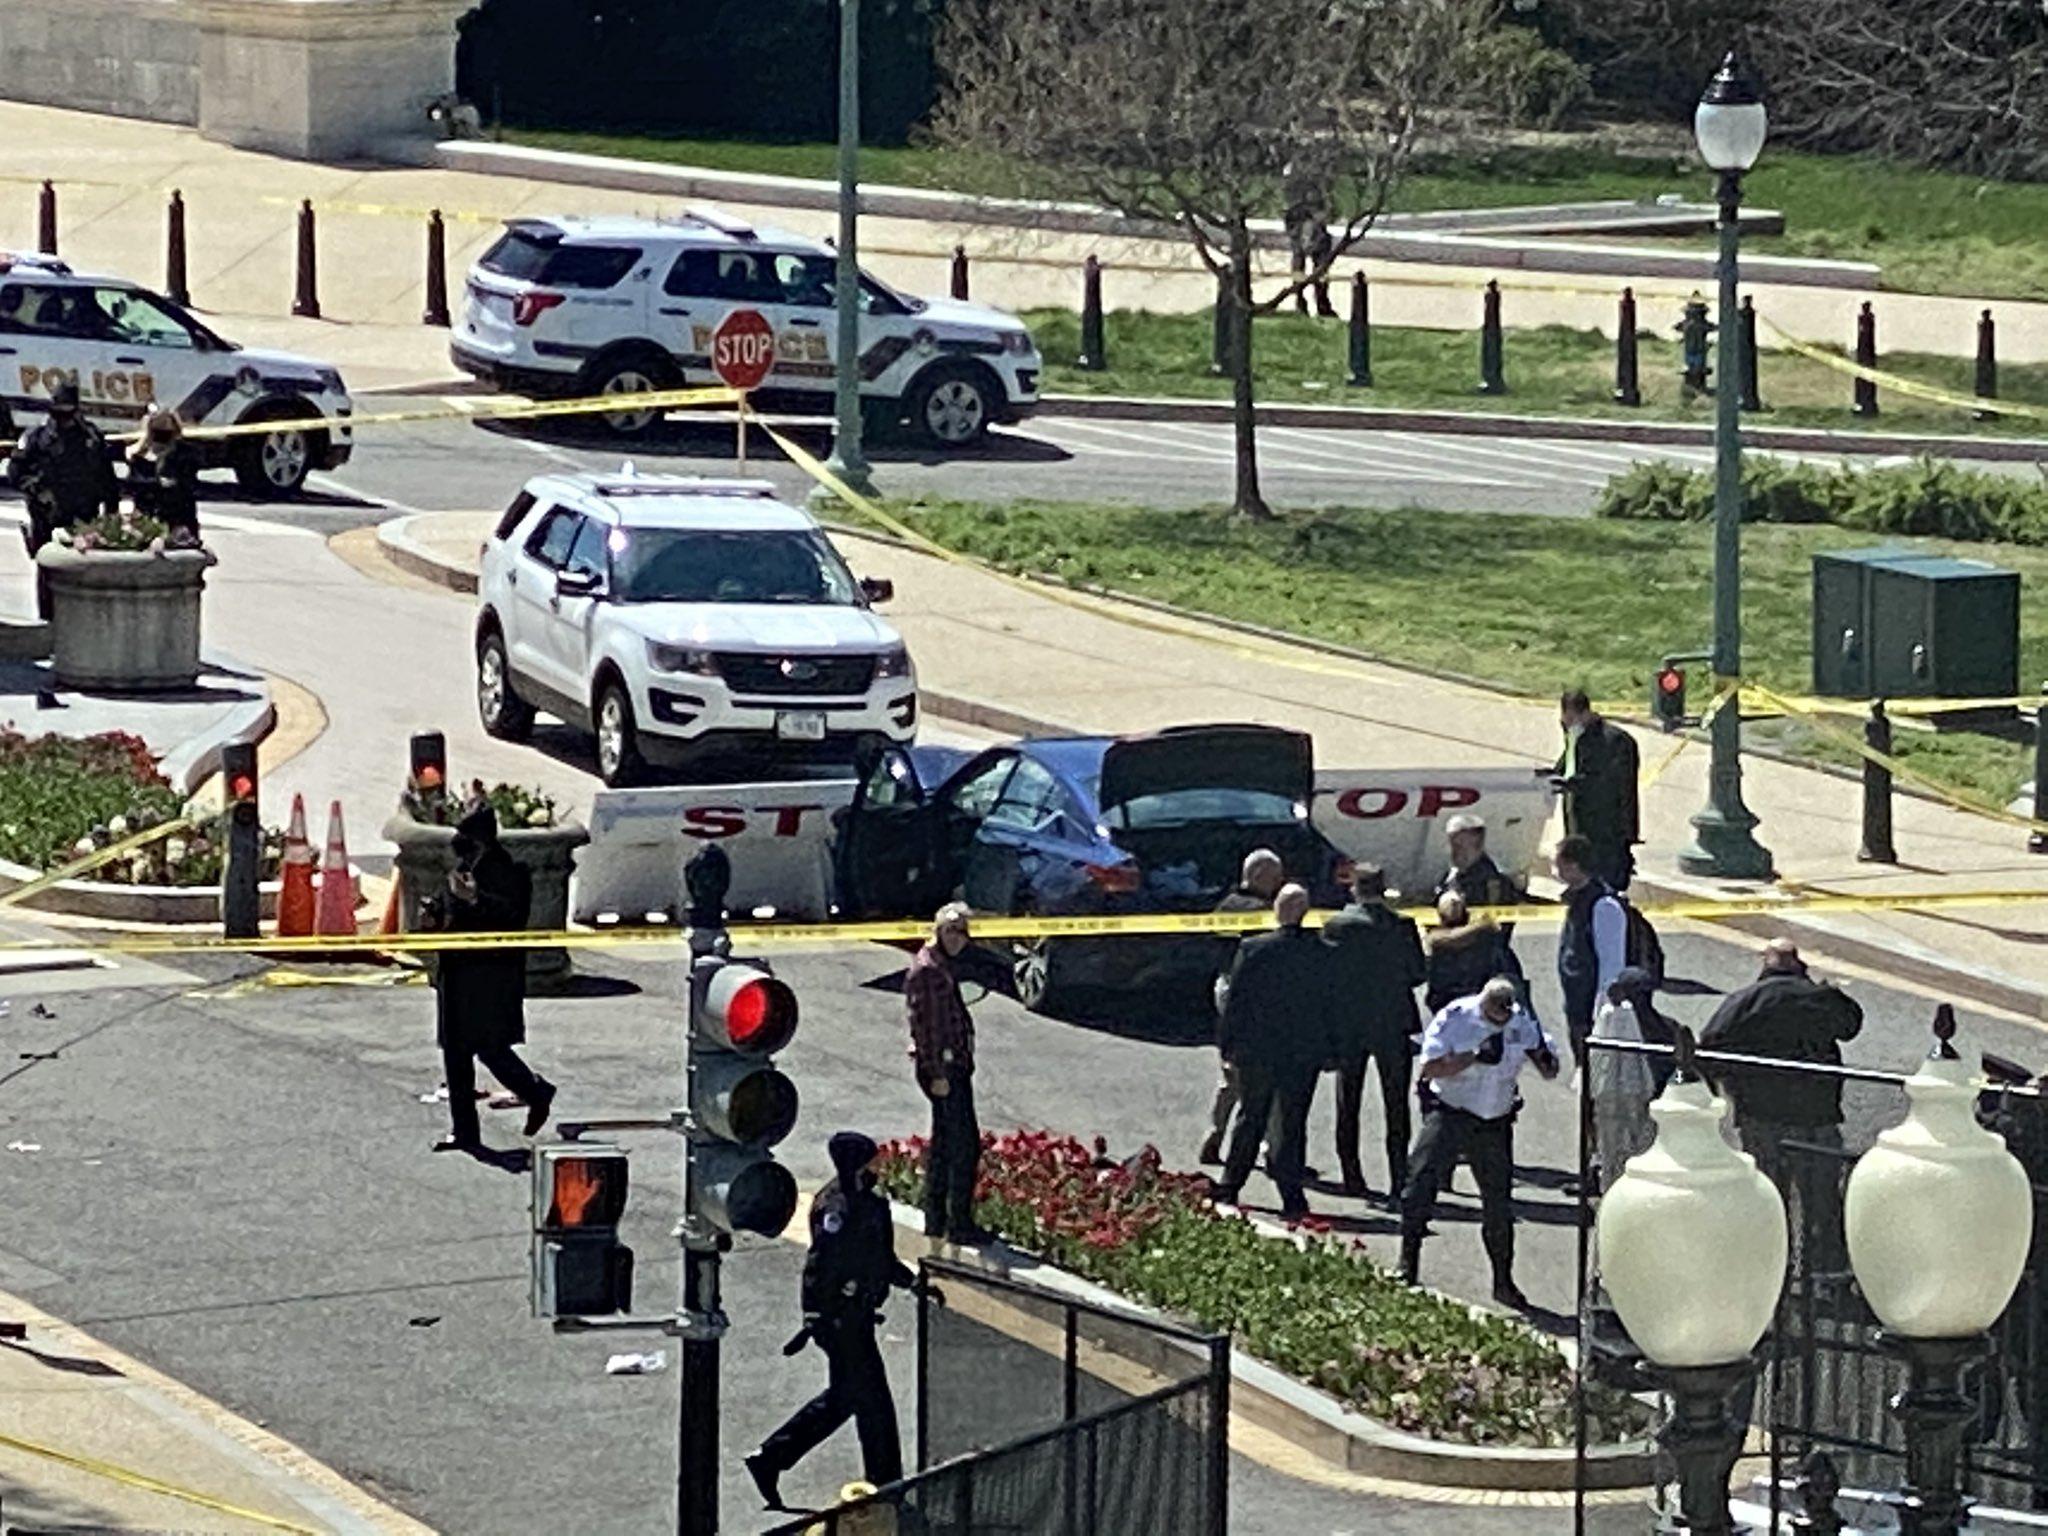 Нападение у Капитолия США - умер один из полицейских / фото twitter.com/JacquiHeinrich